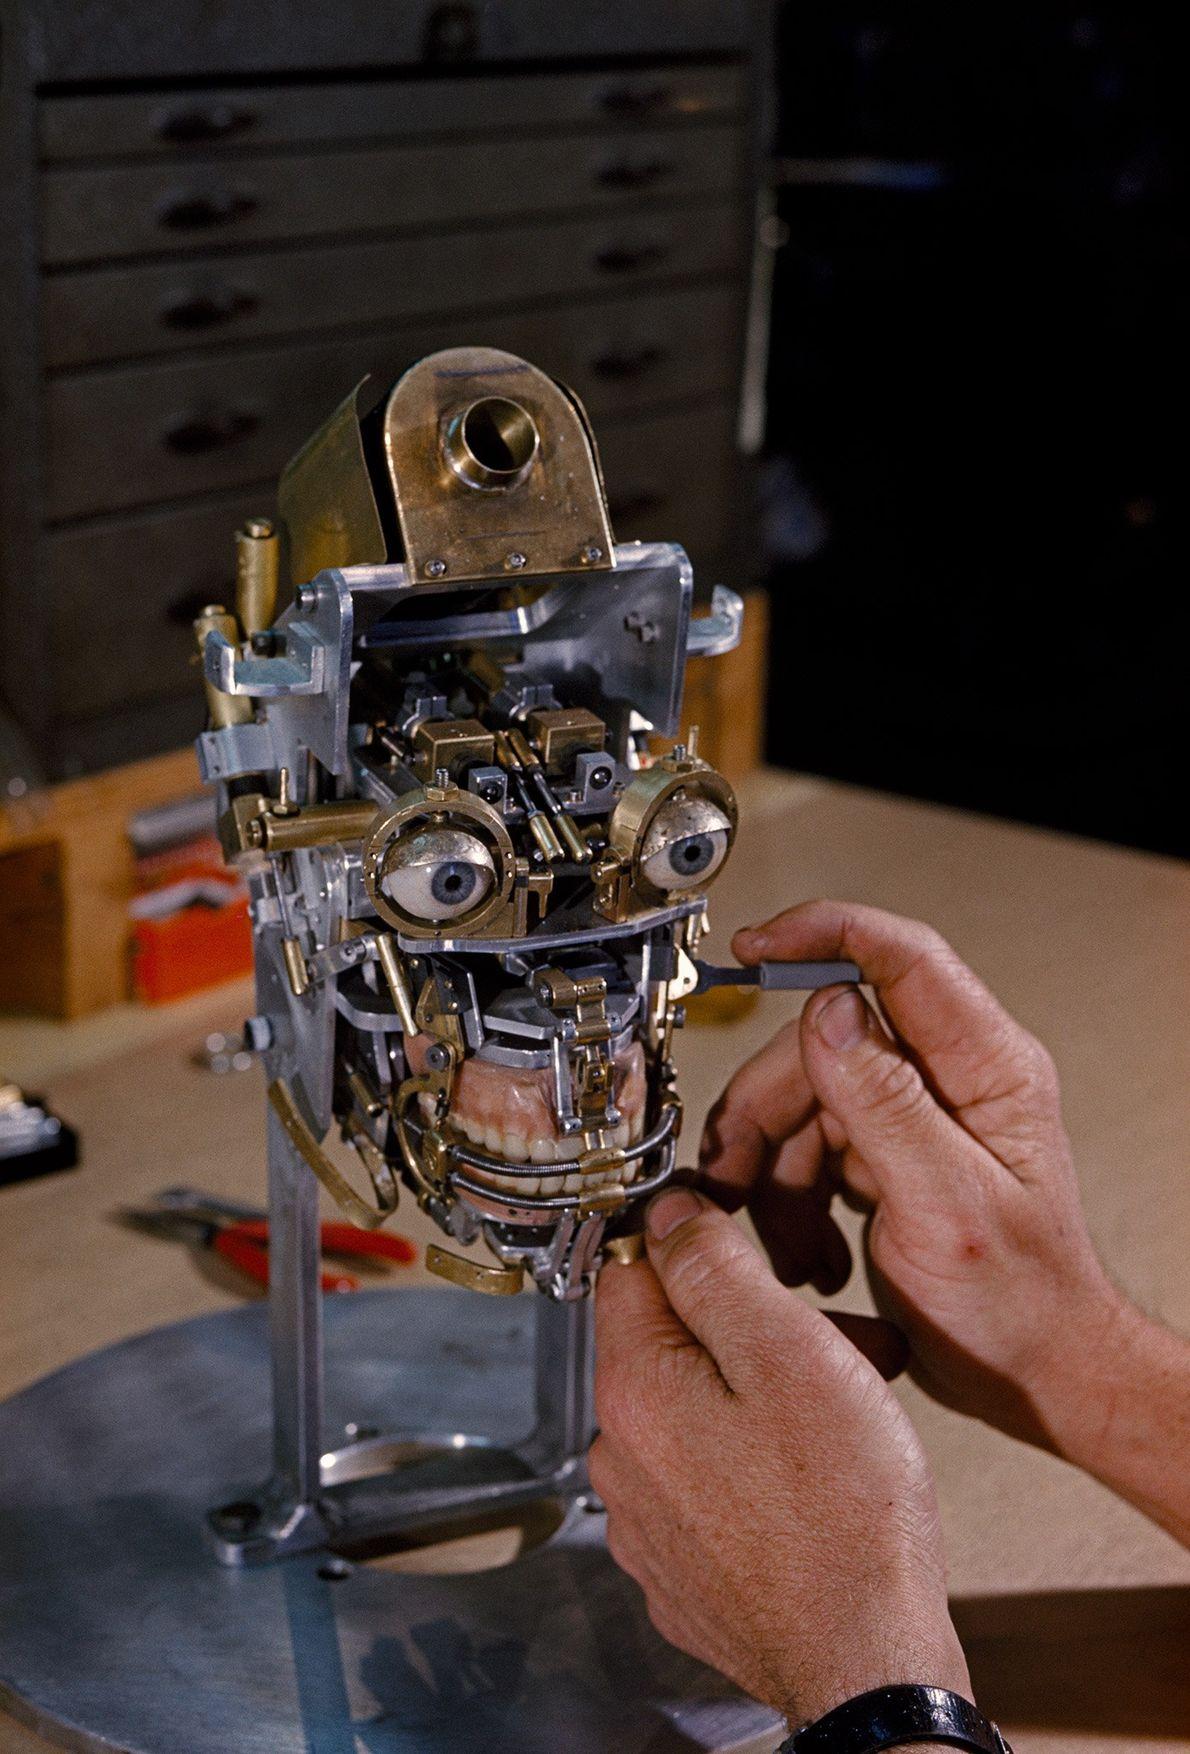 Ein Techniker arbeitet an einem mechanischen Kopf für einen Roboter.